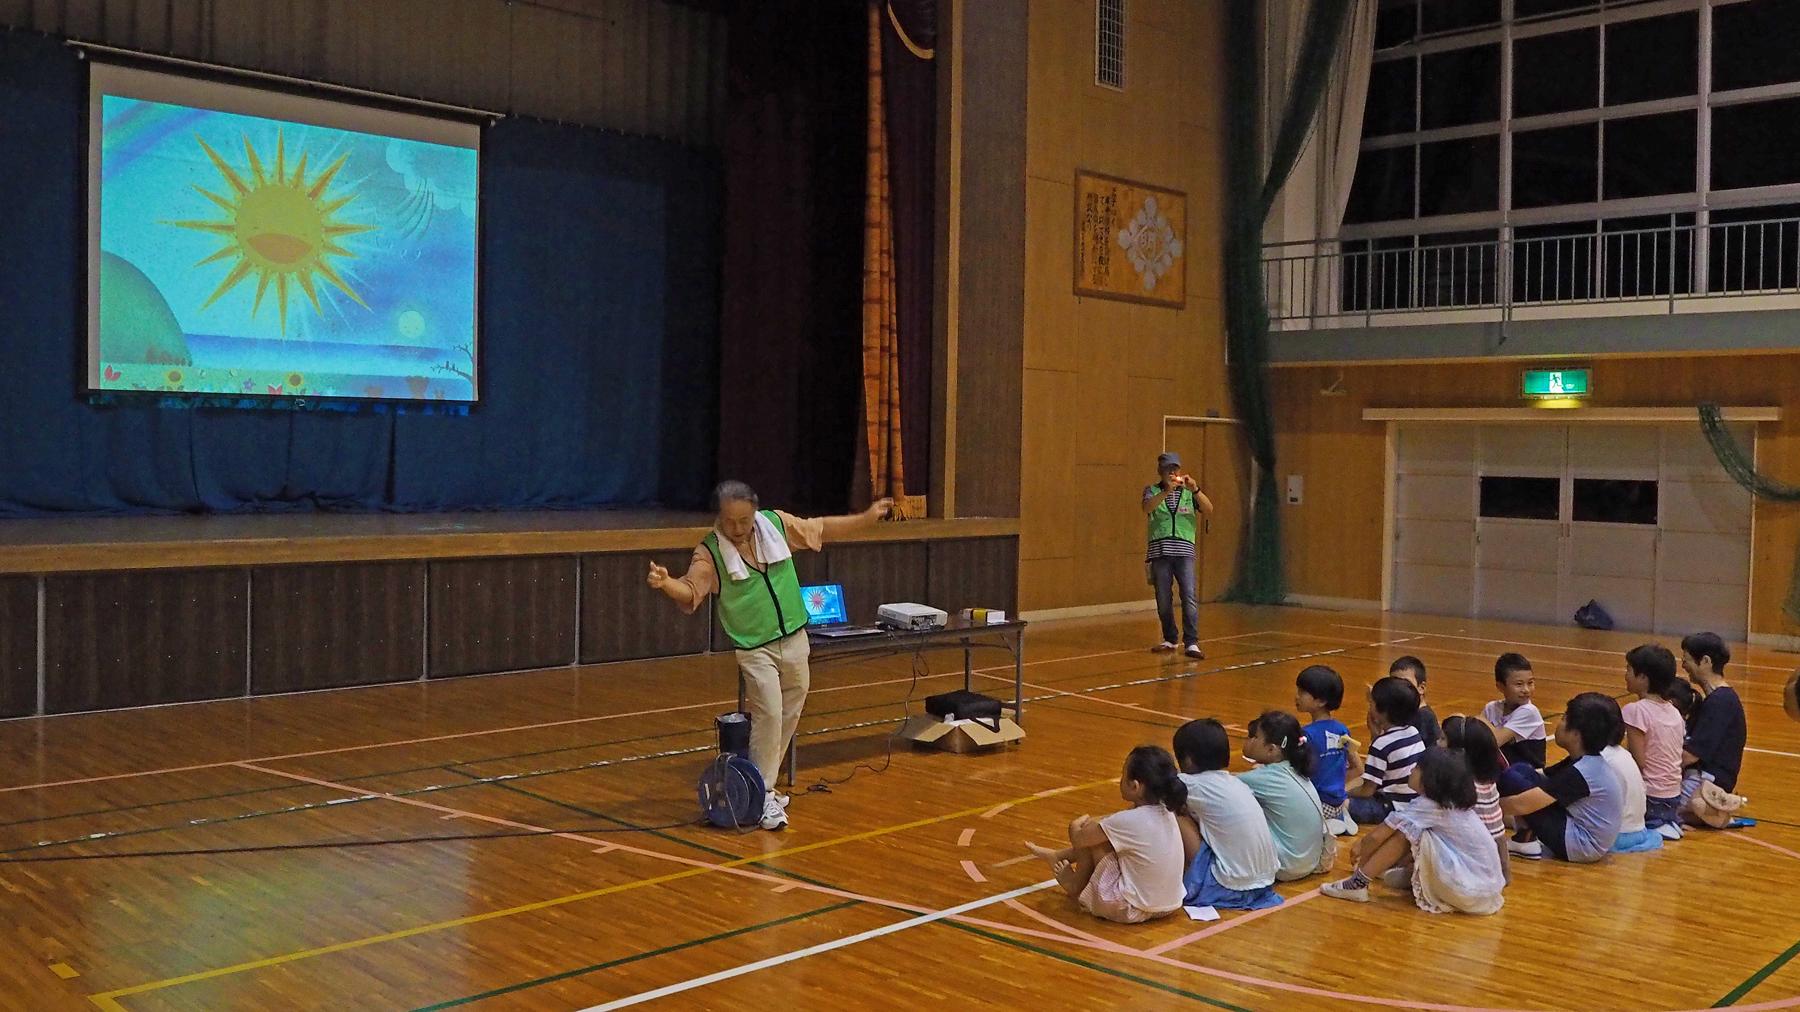 福島の災害地で製作された星空童話の上映